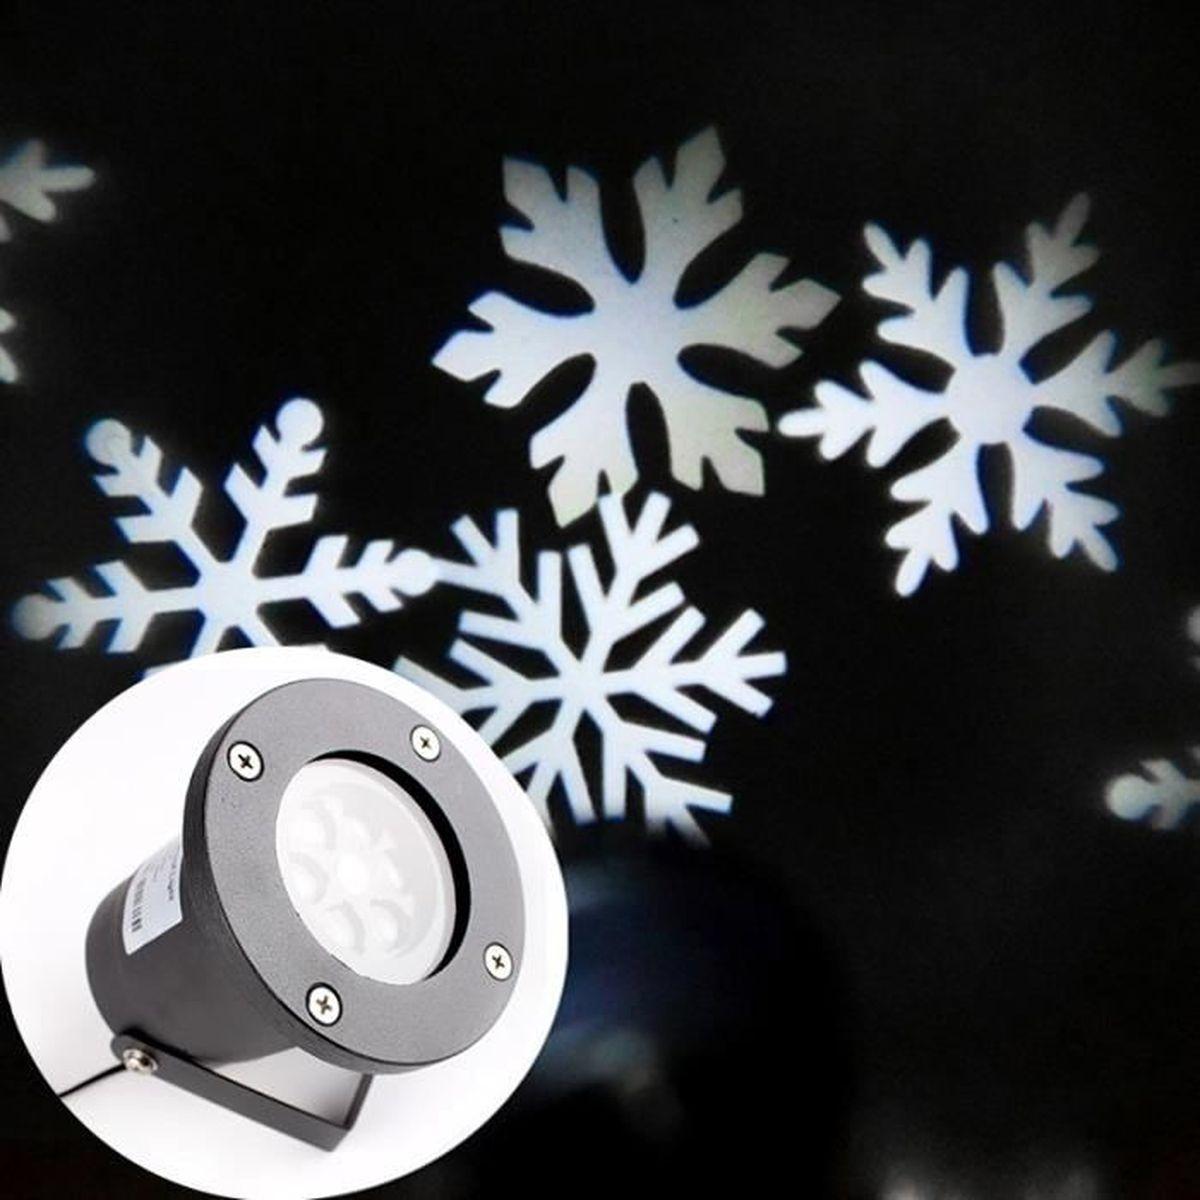 #39495F Hicollie® Mini Projecteur RGB Limière Laser Neige Noël  6437 décoration noel laser 1200x1200 px @ aertt.com